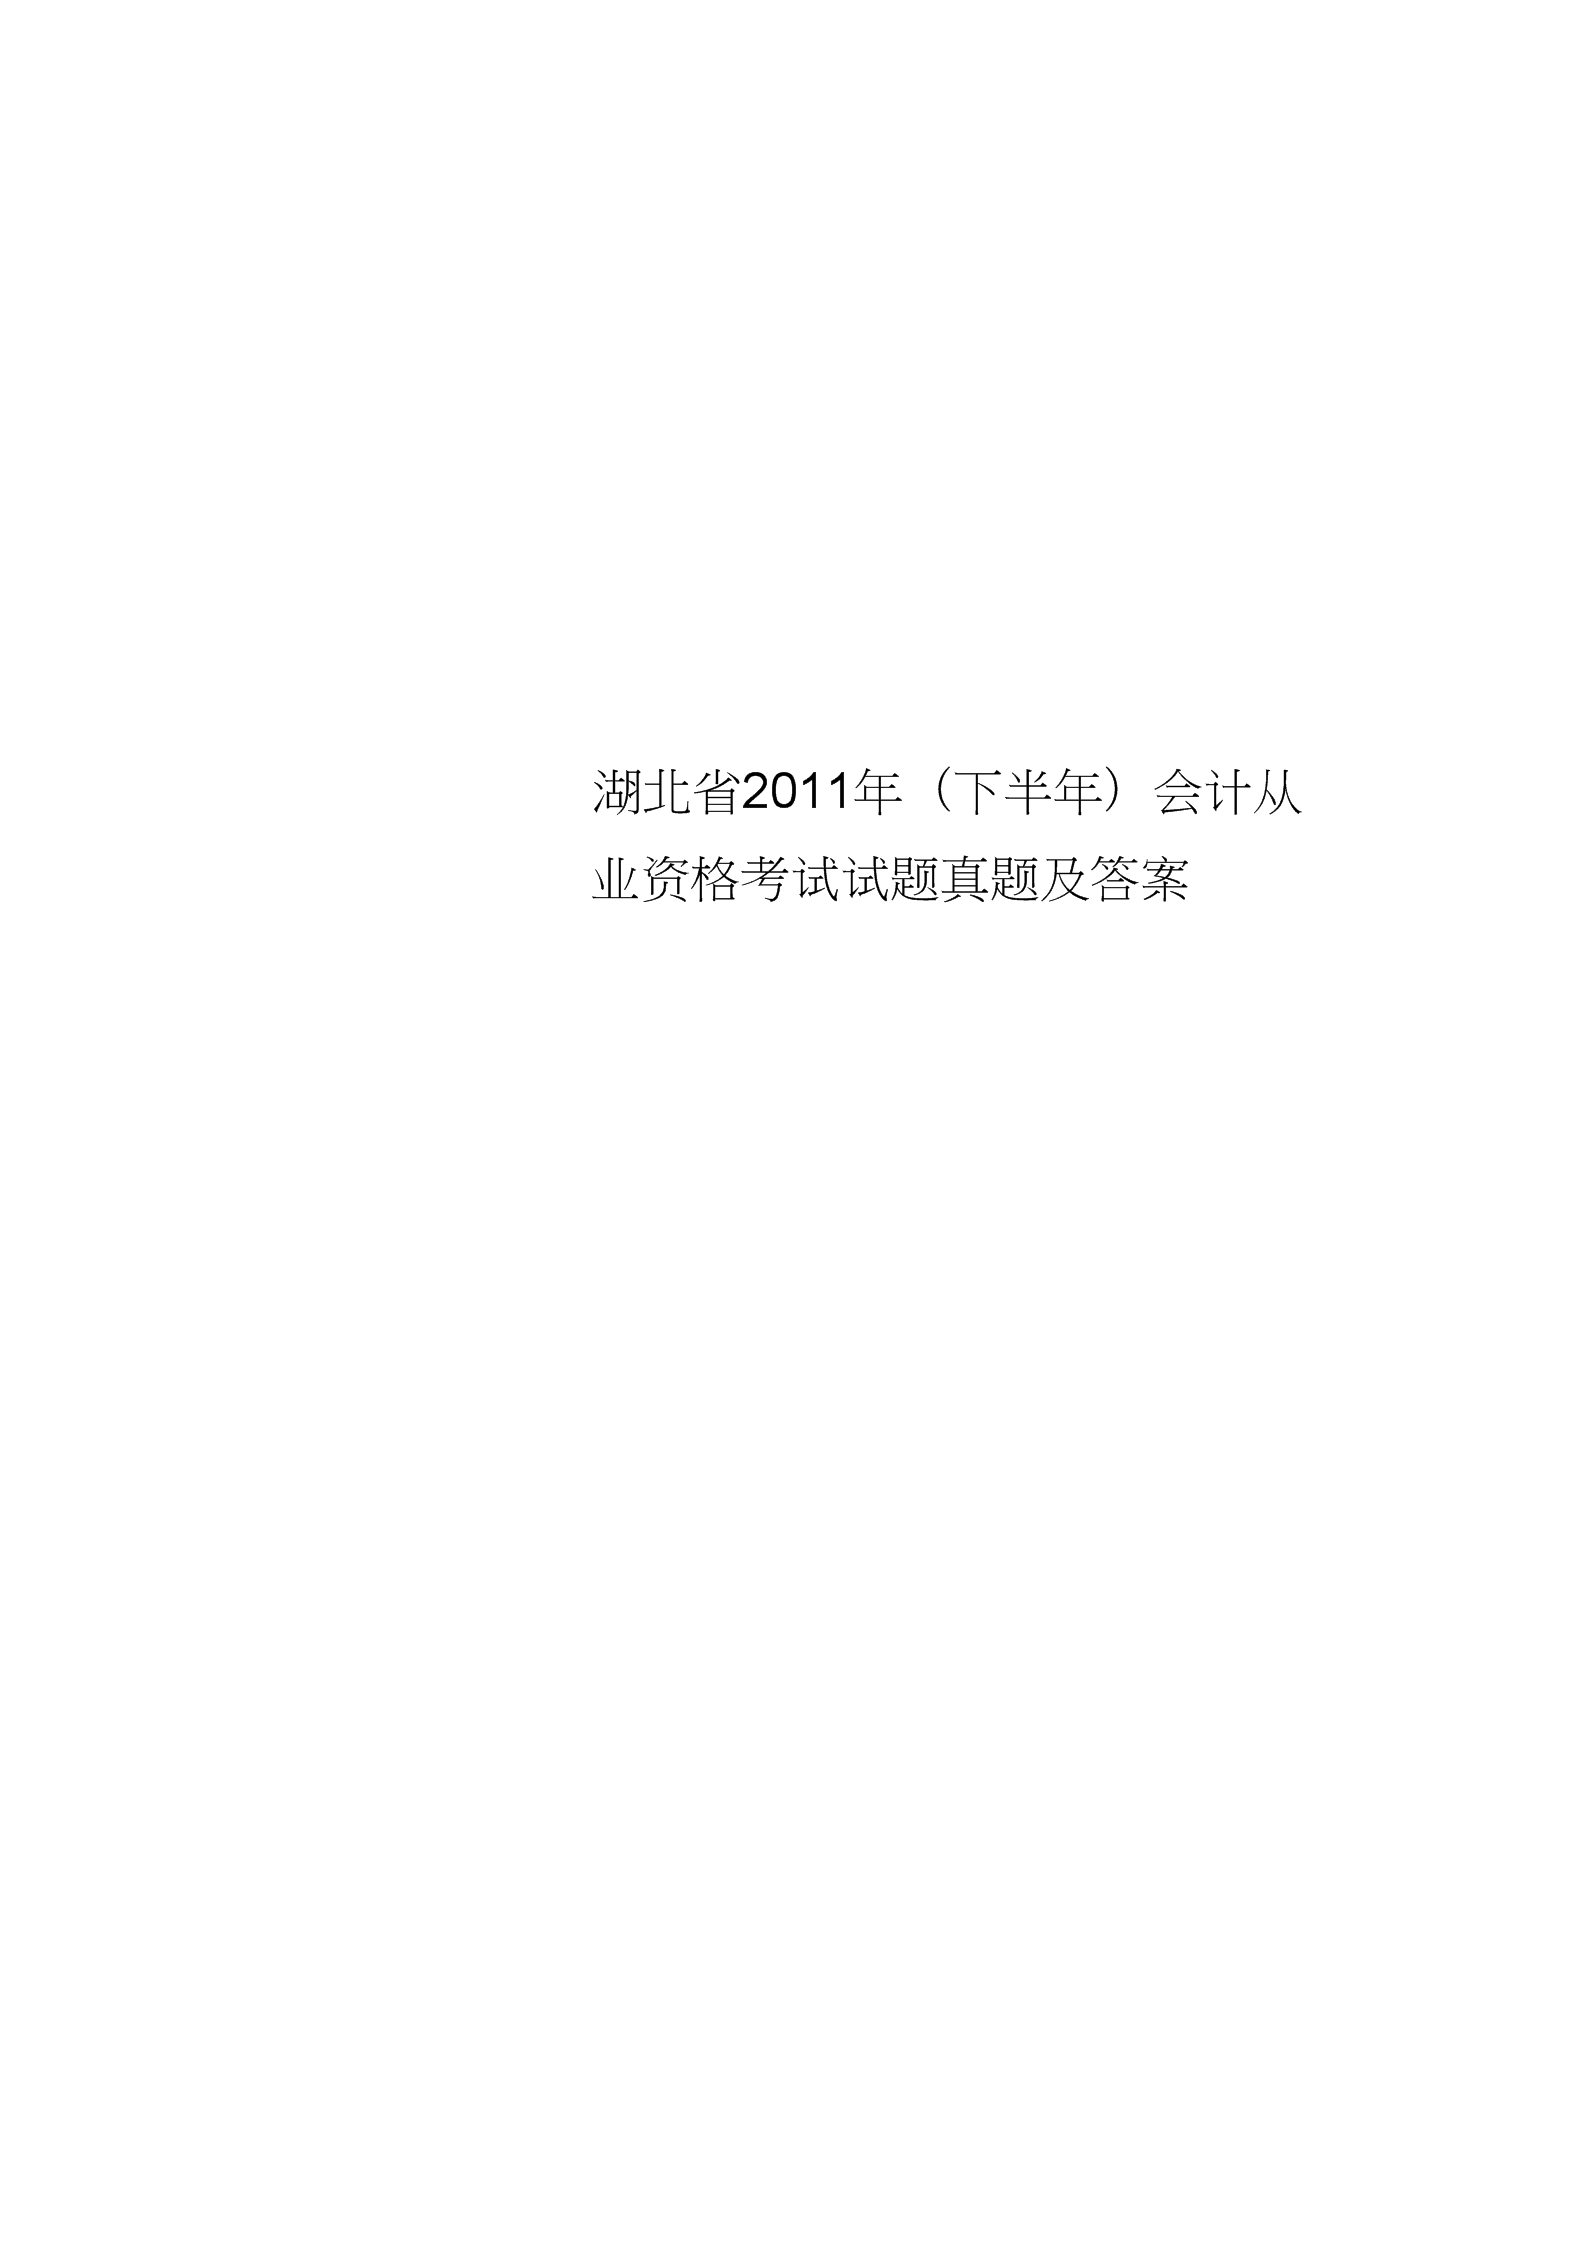 湖北省2011年(下半年)会计从业资格考试试题真题及答案.docx